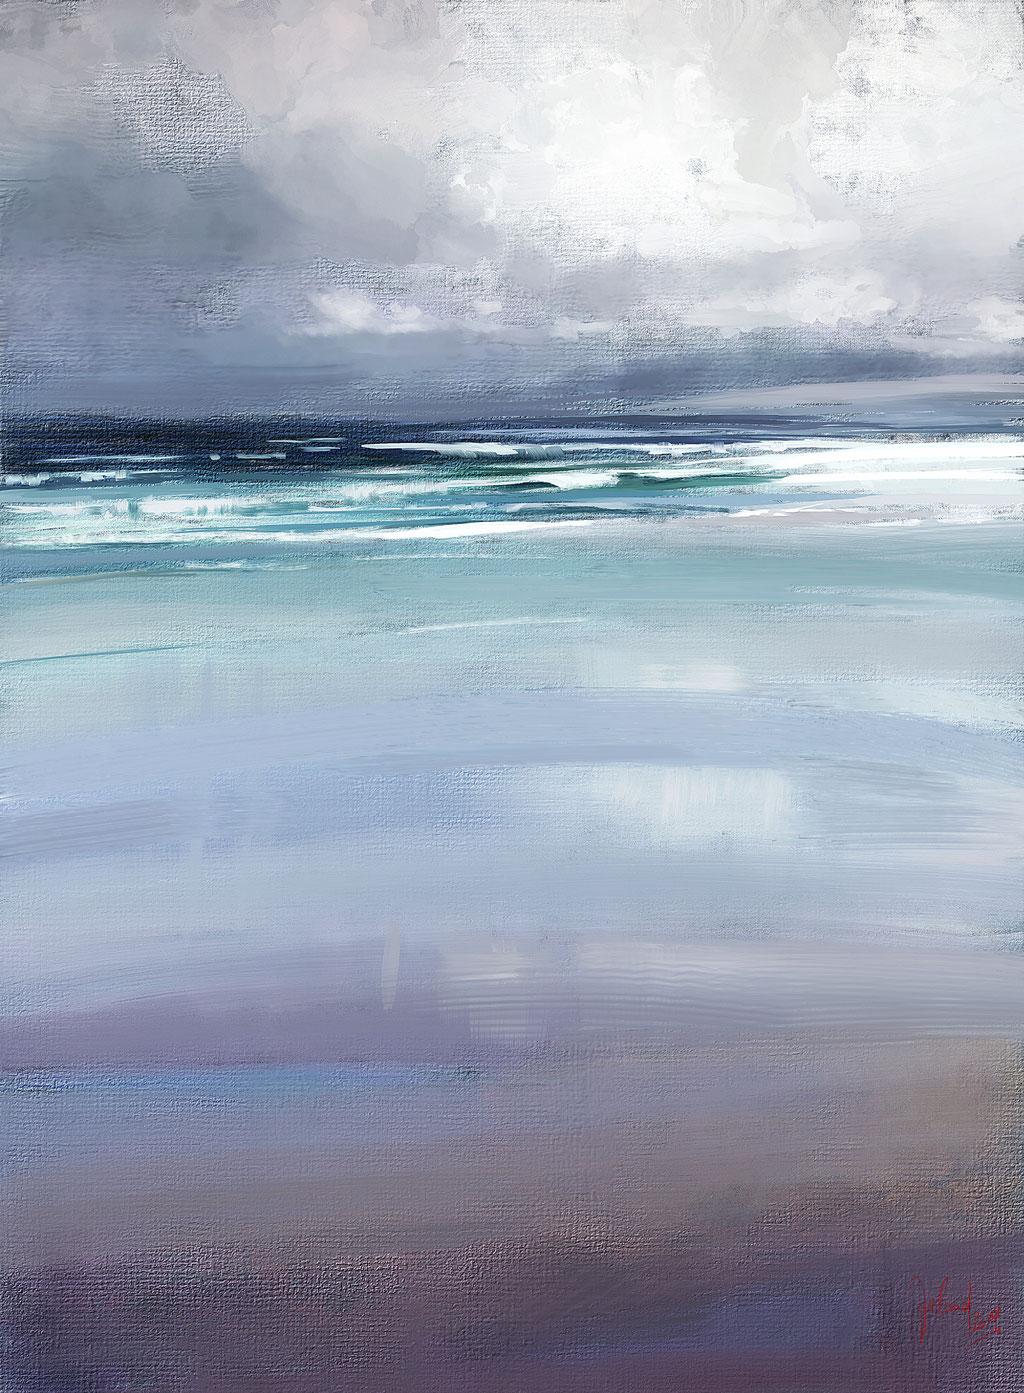 Regentag am Meer